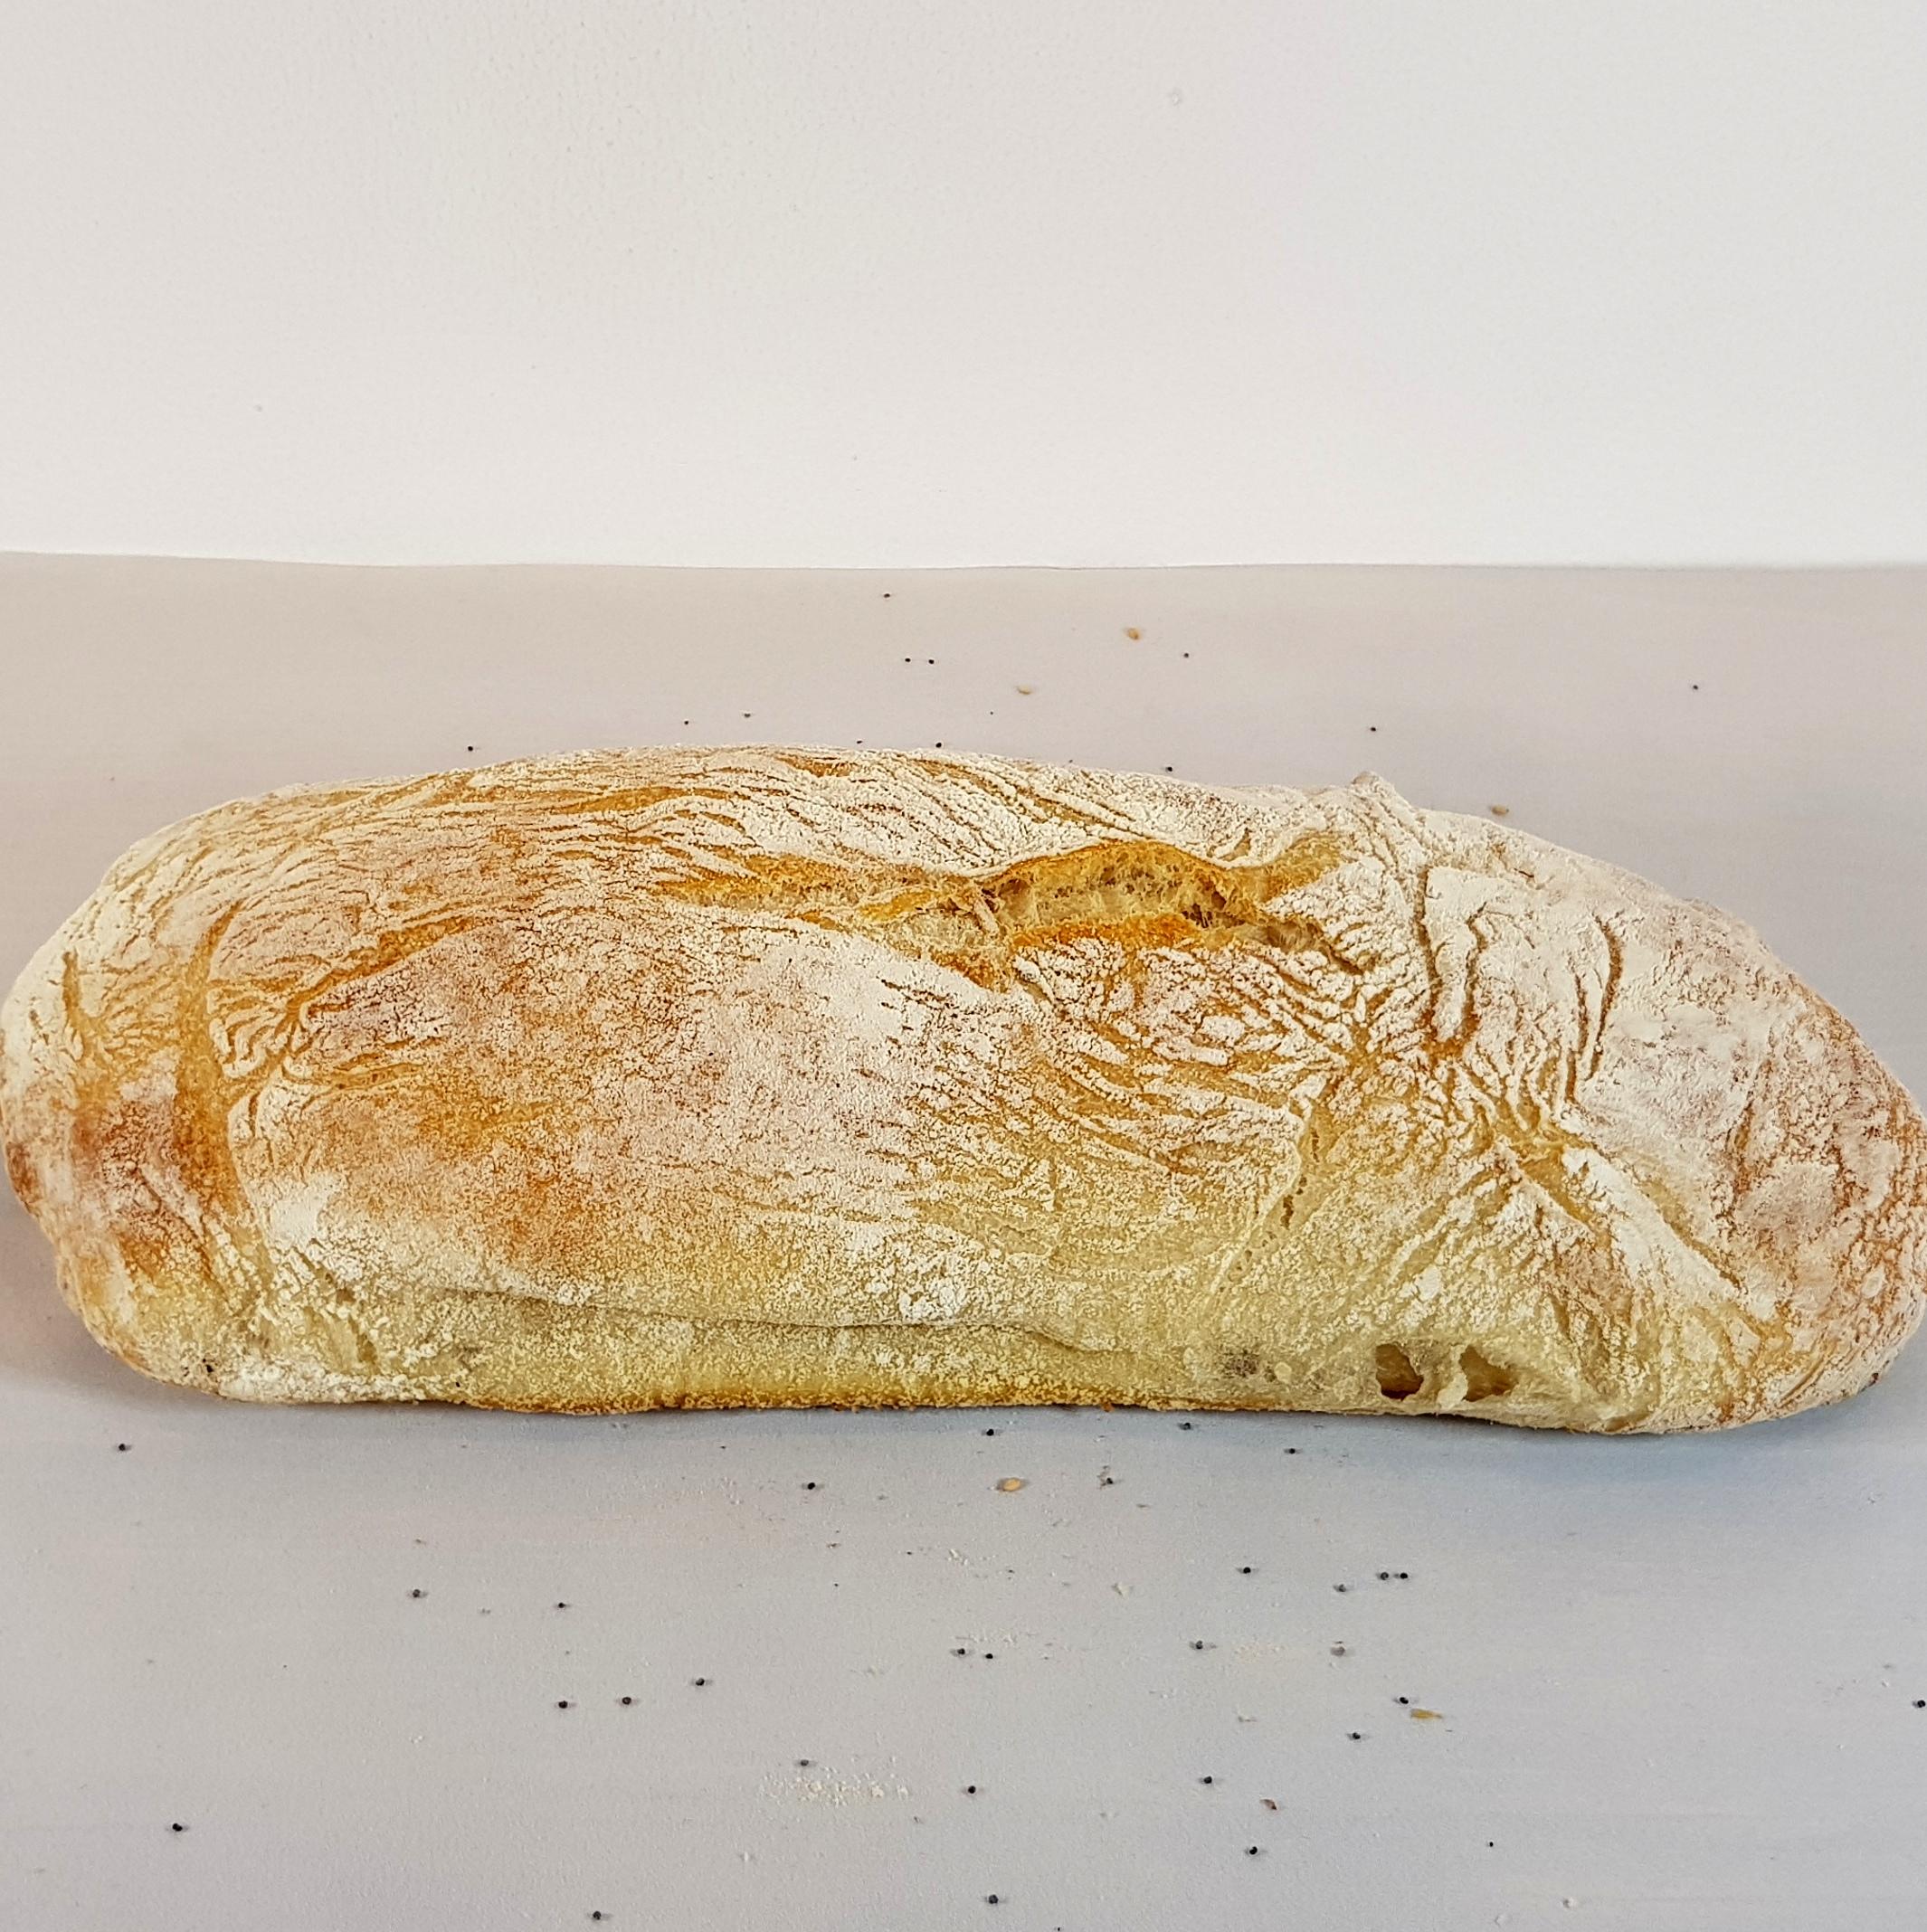 Ciabatta Andy's Bread